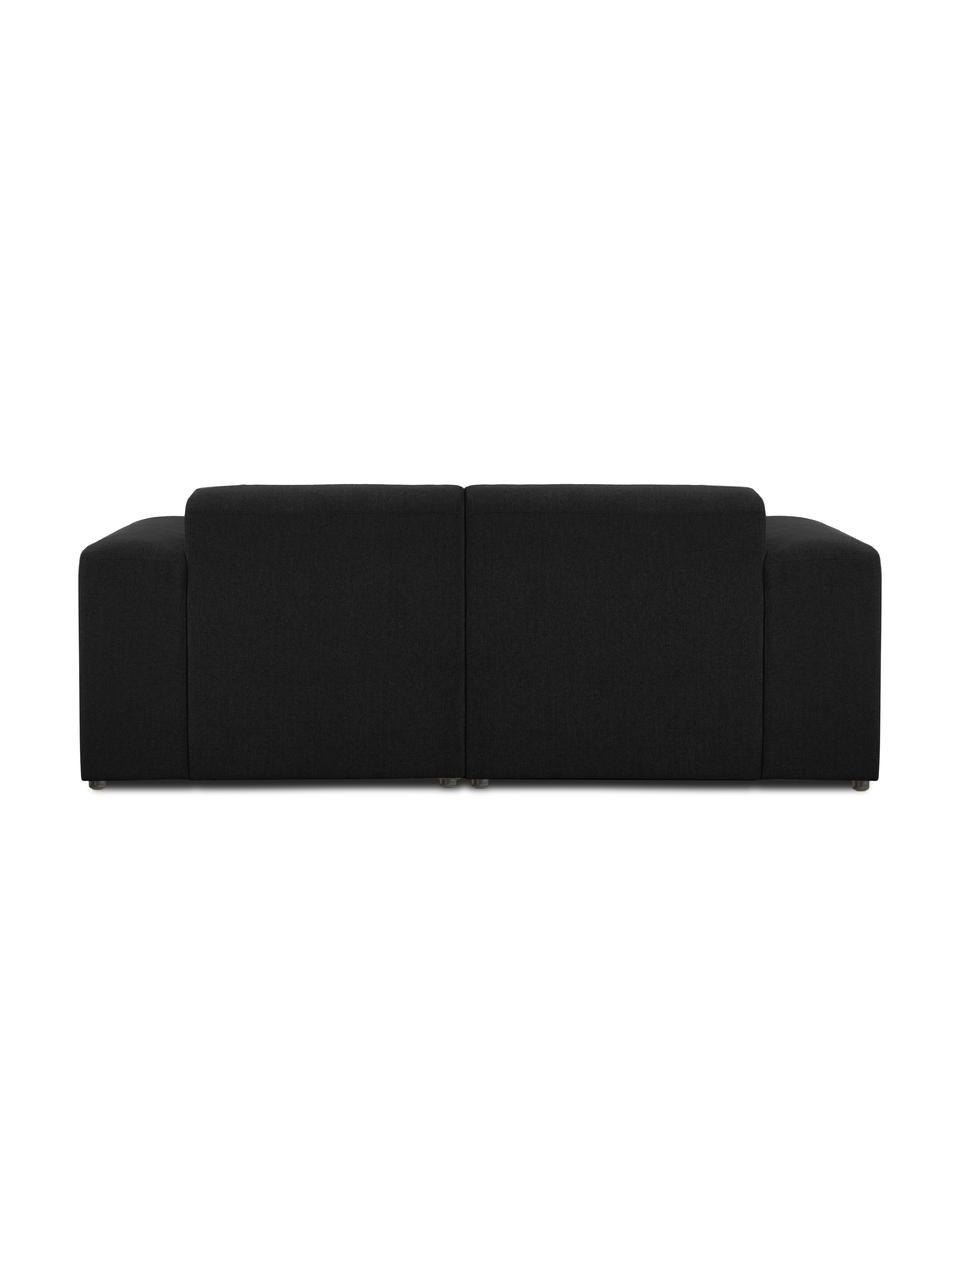 Bank Melva (2-zits) in zwart, Bekleding: 100% polyester De bekledi, Frame: massief grenenhout, FSC-g, Poten: kunststof, Geweven stof zwart, 198 x 101 cm